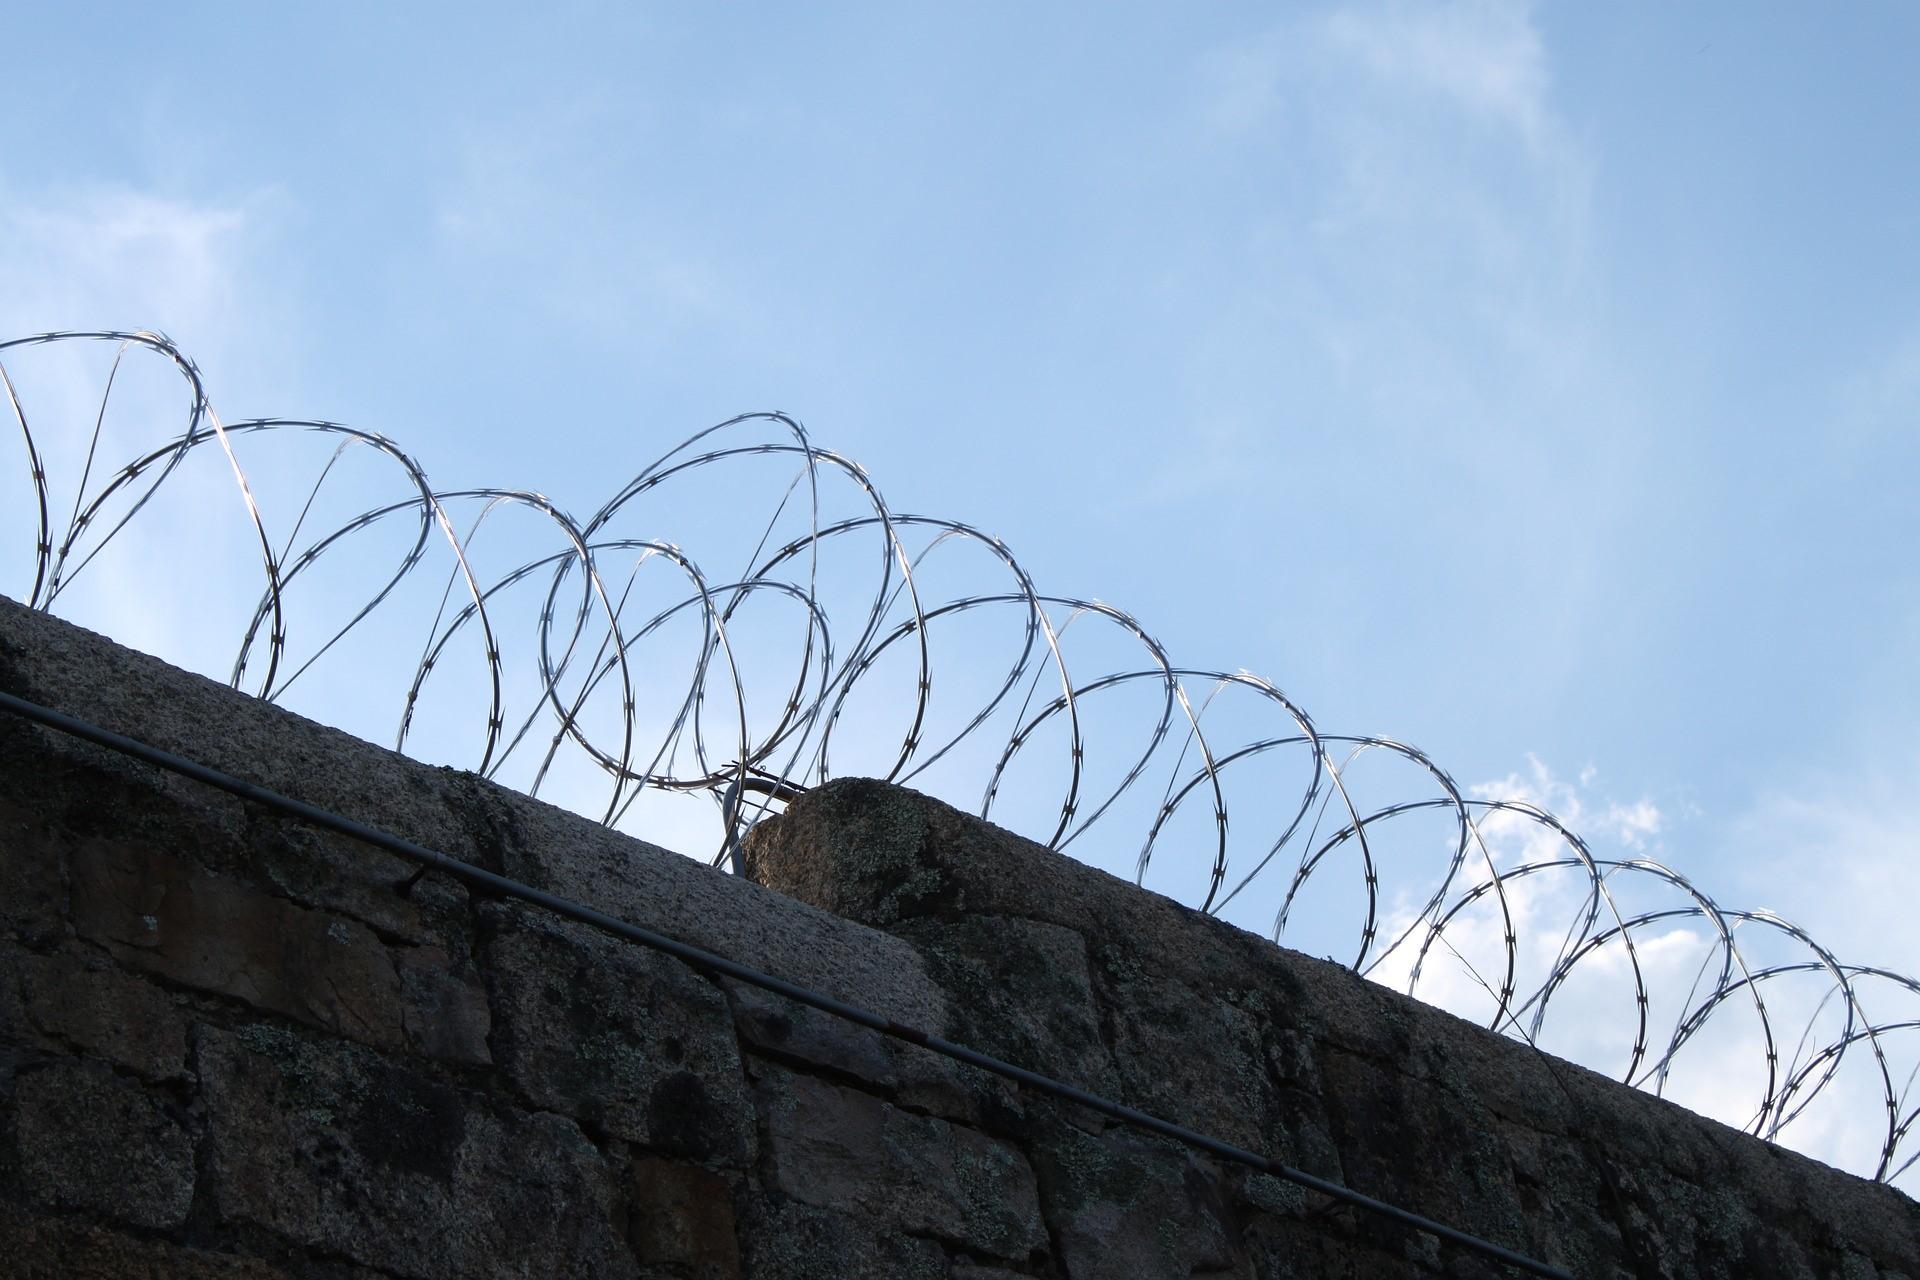 Kan de GGZ- instelling Parnassia strafrechtelijk vervolgd worden voor het nalaten van voldoende zorg over Malek F.?